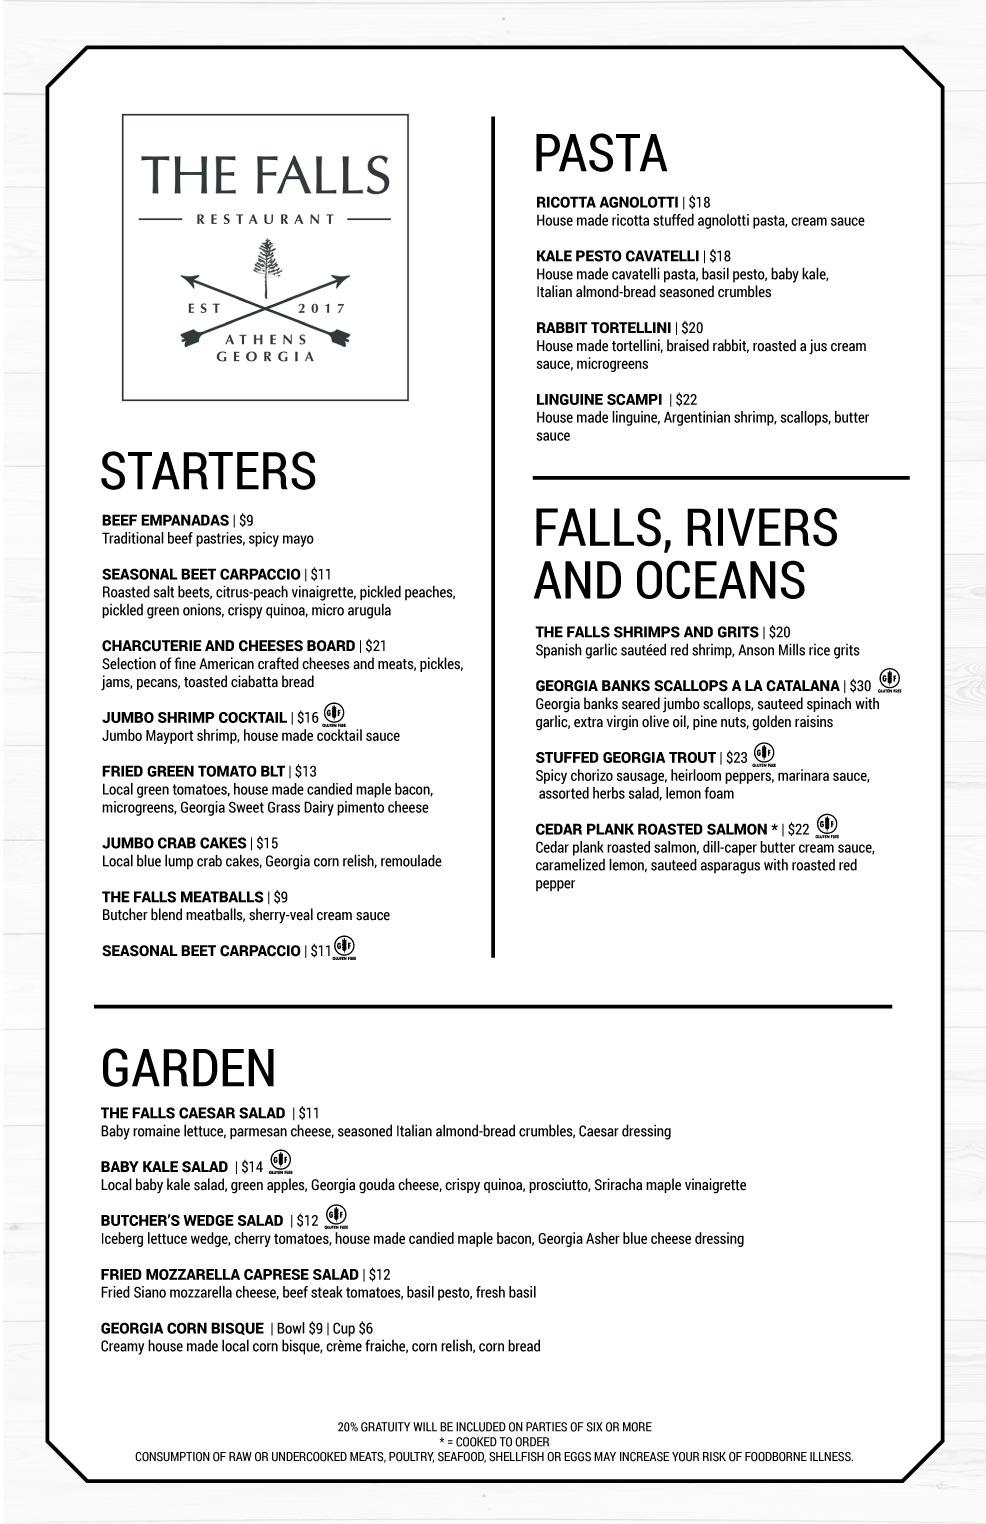 TheFalls_DinnerMenu_SideA.jpg